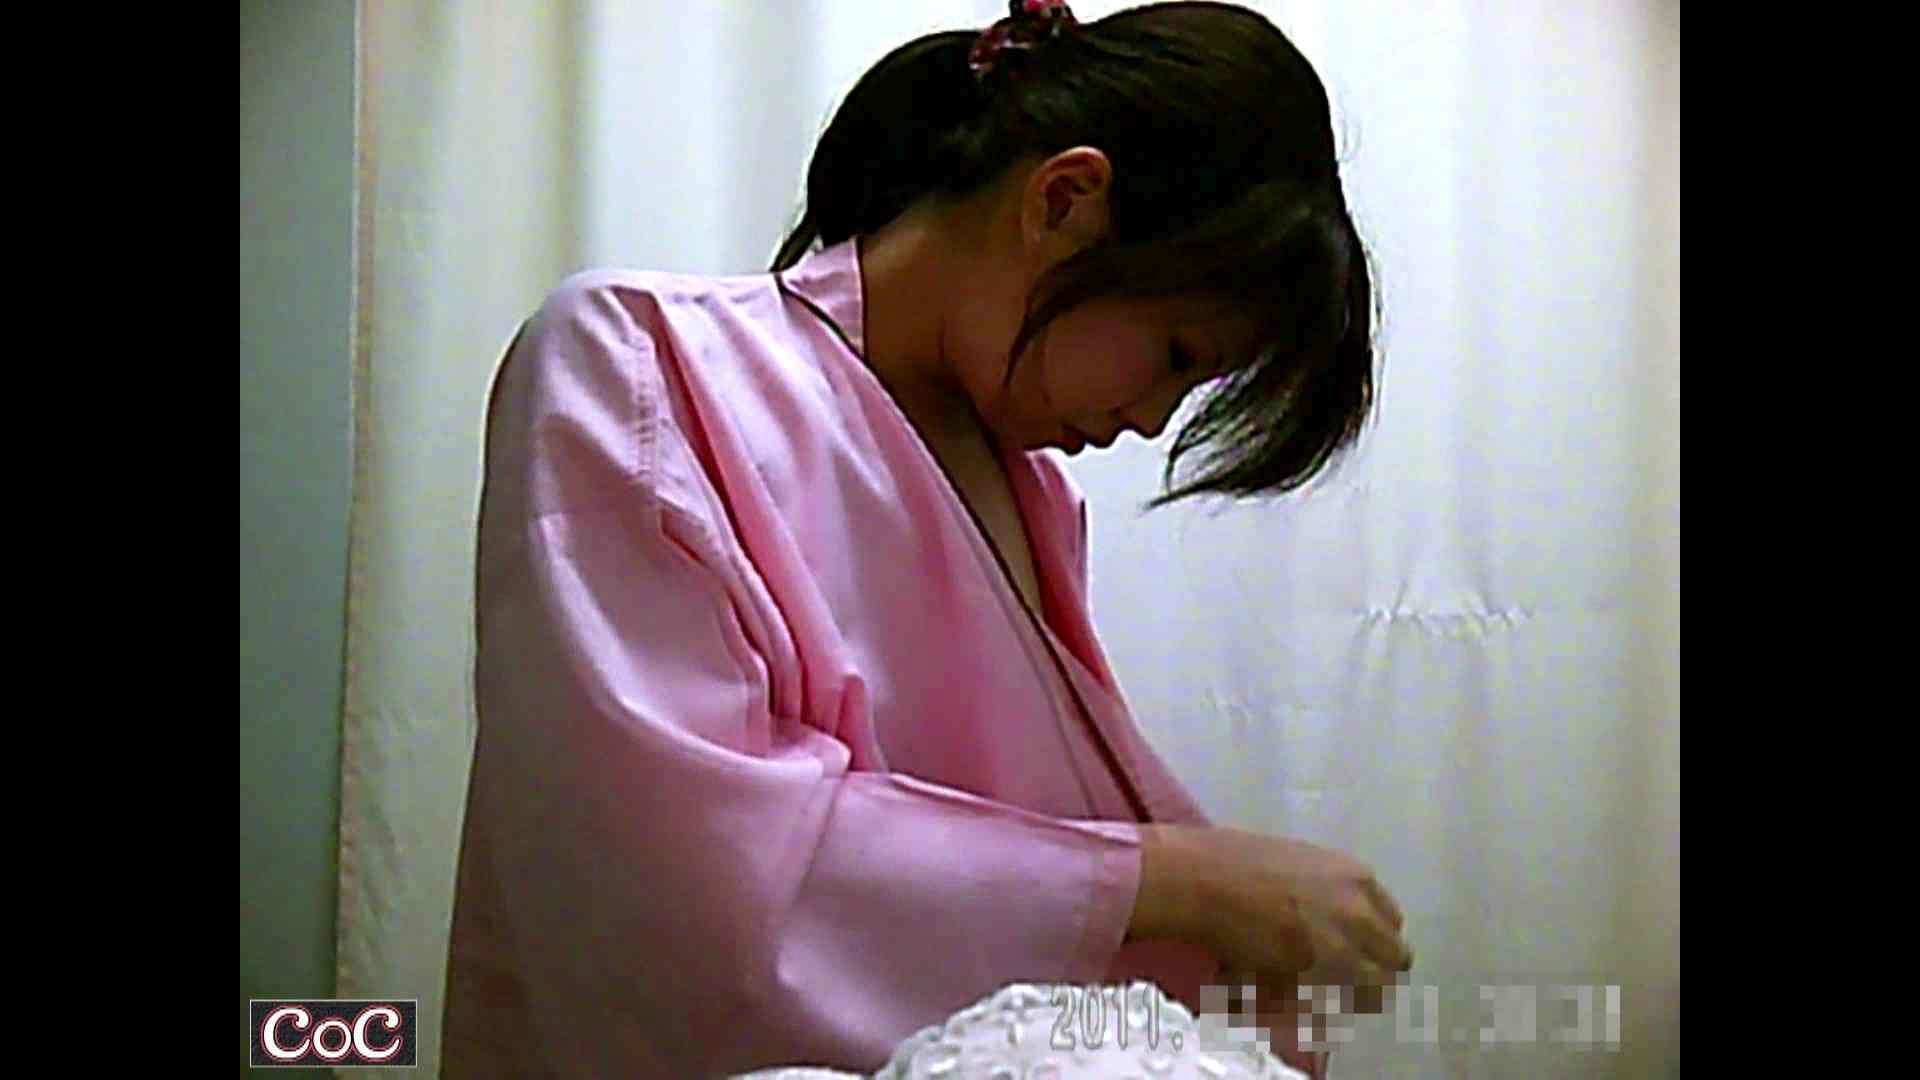 病院おもいっきり着替え! vol.05 巨乳 ワレメ無修正動画無料 78画像 54